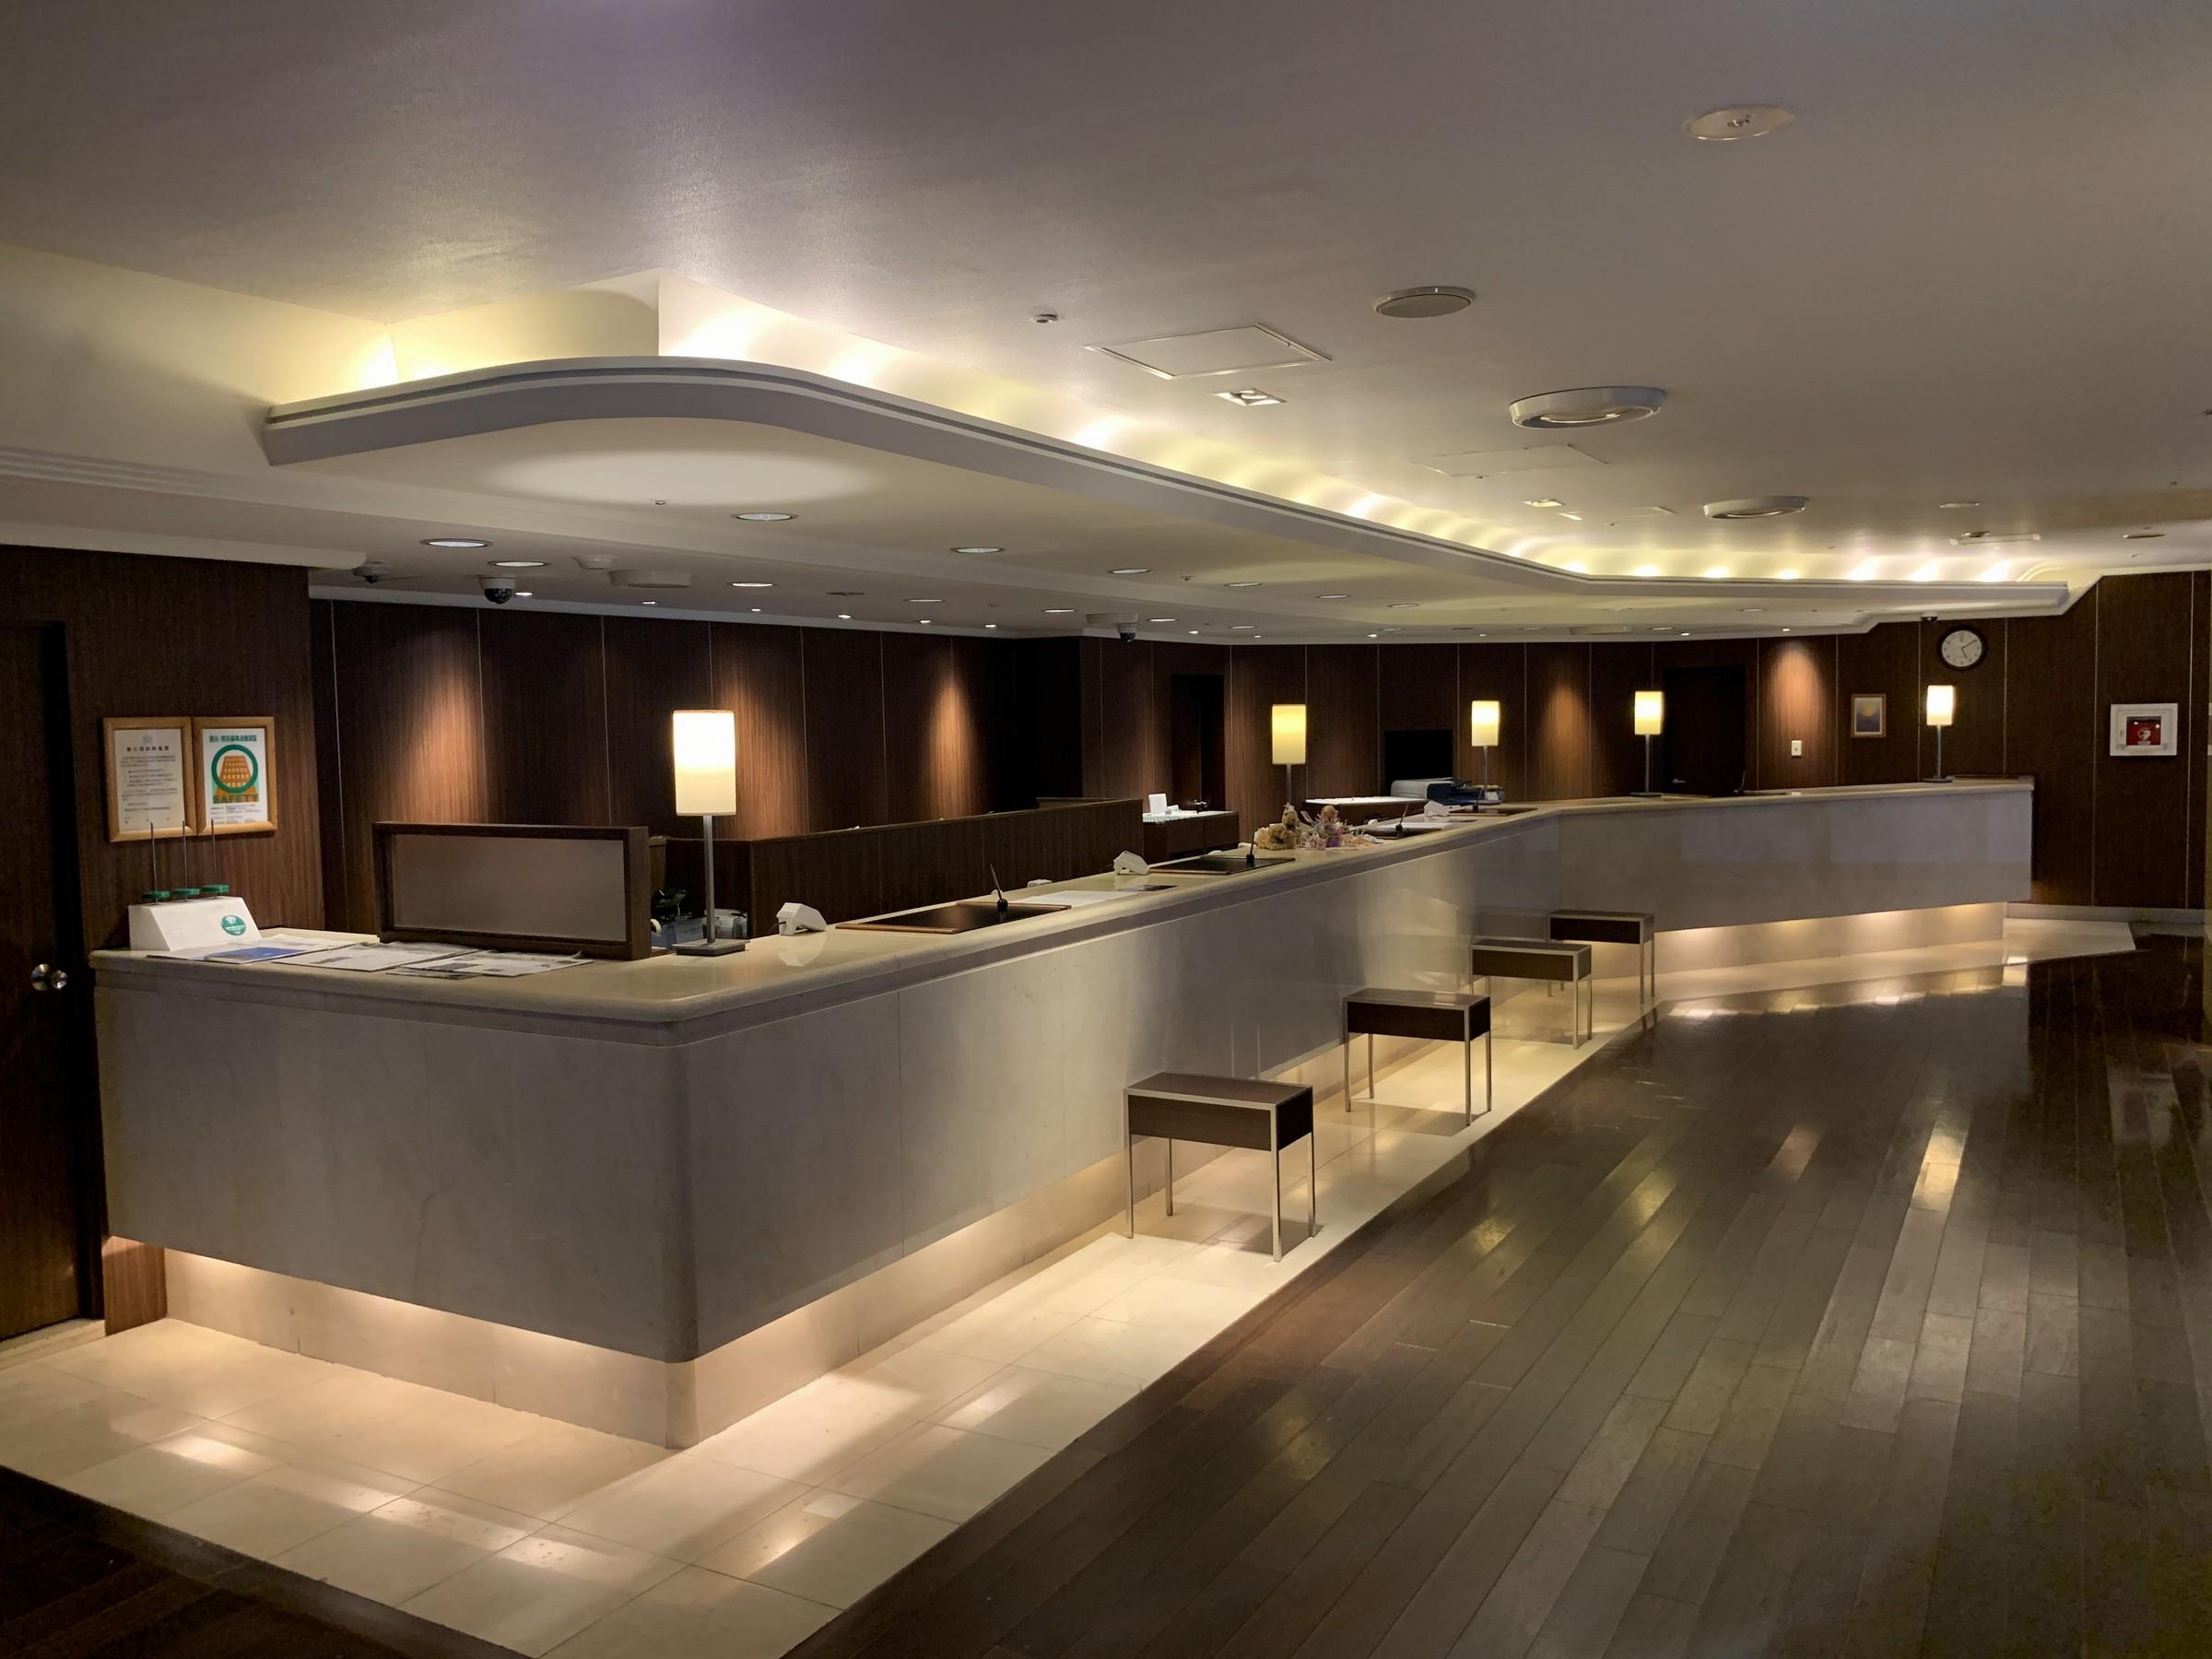 【館内フロントレセプション(3階)】ご宿泊のお客様のチェックイン・チェックアウトのお手続きはこちらで承ります